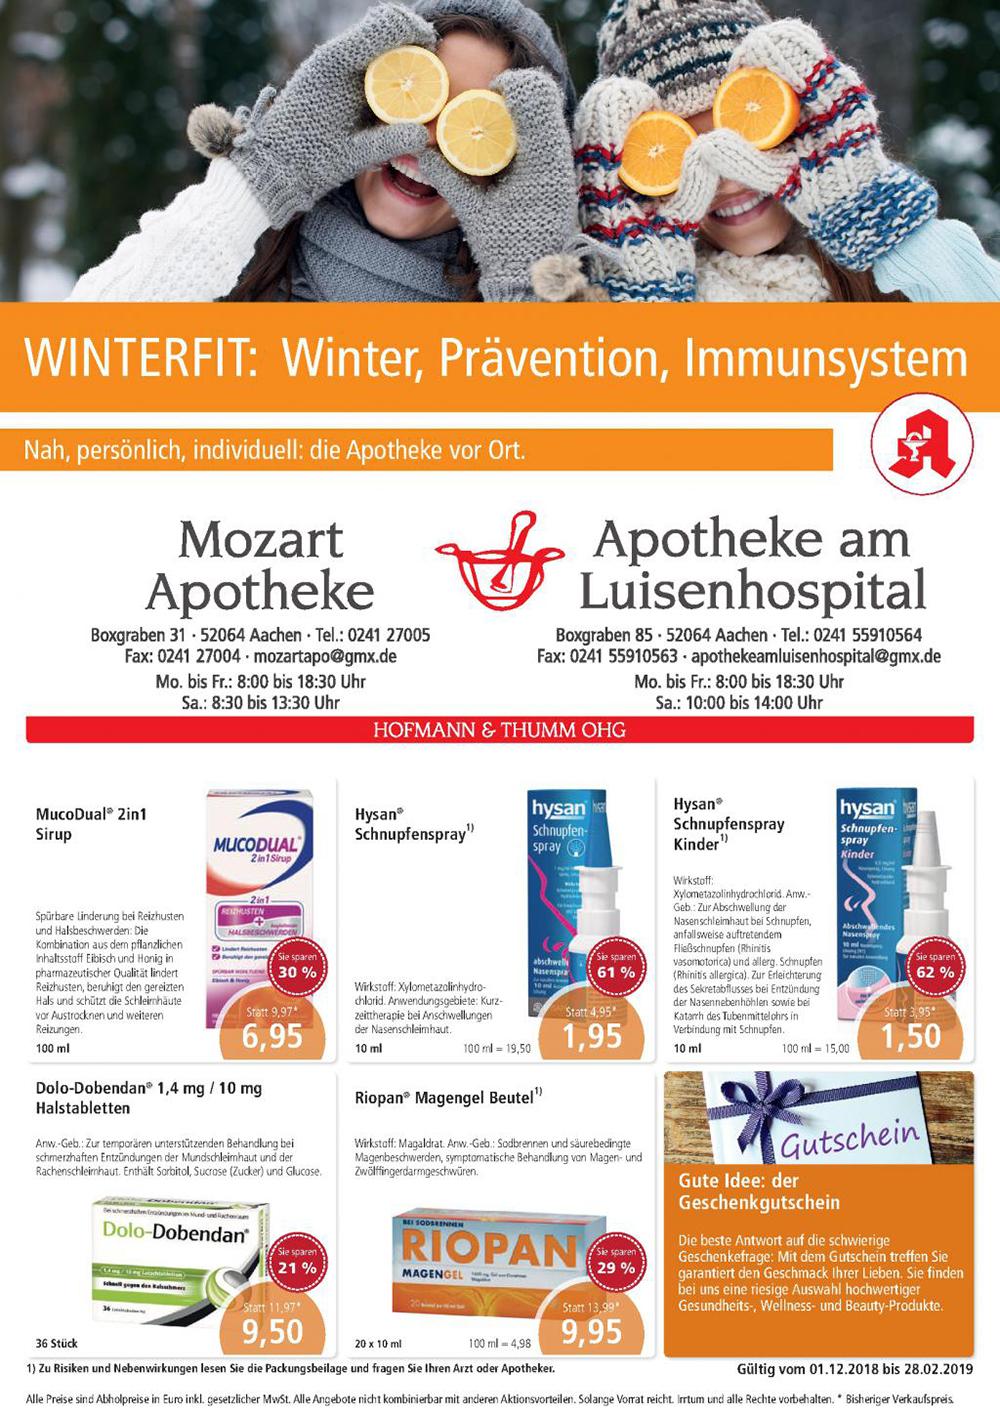 https://www-apotheken-de.apocdn.net/fileadmin/clubarea/00000-Angebote/52064_28281_am_luisenhospital_angebot_1.jpg